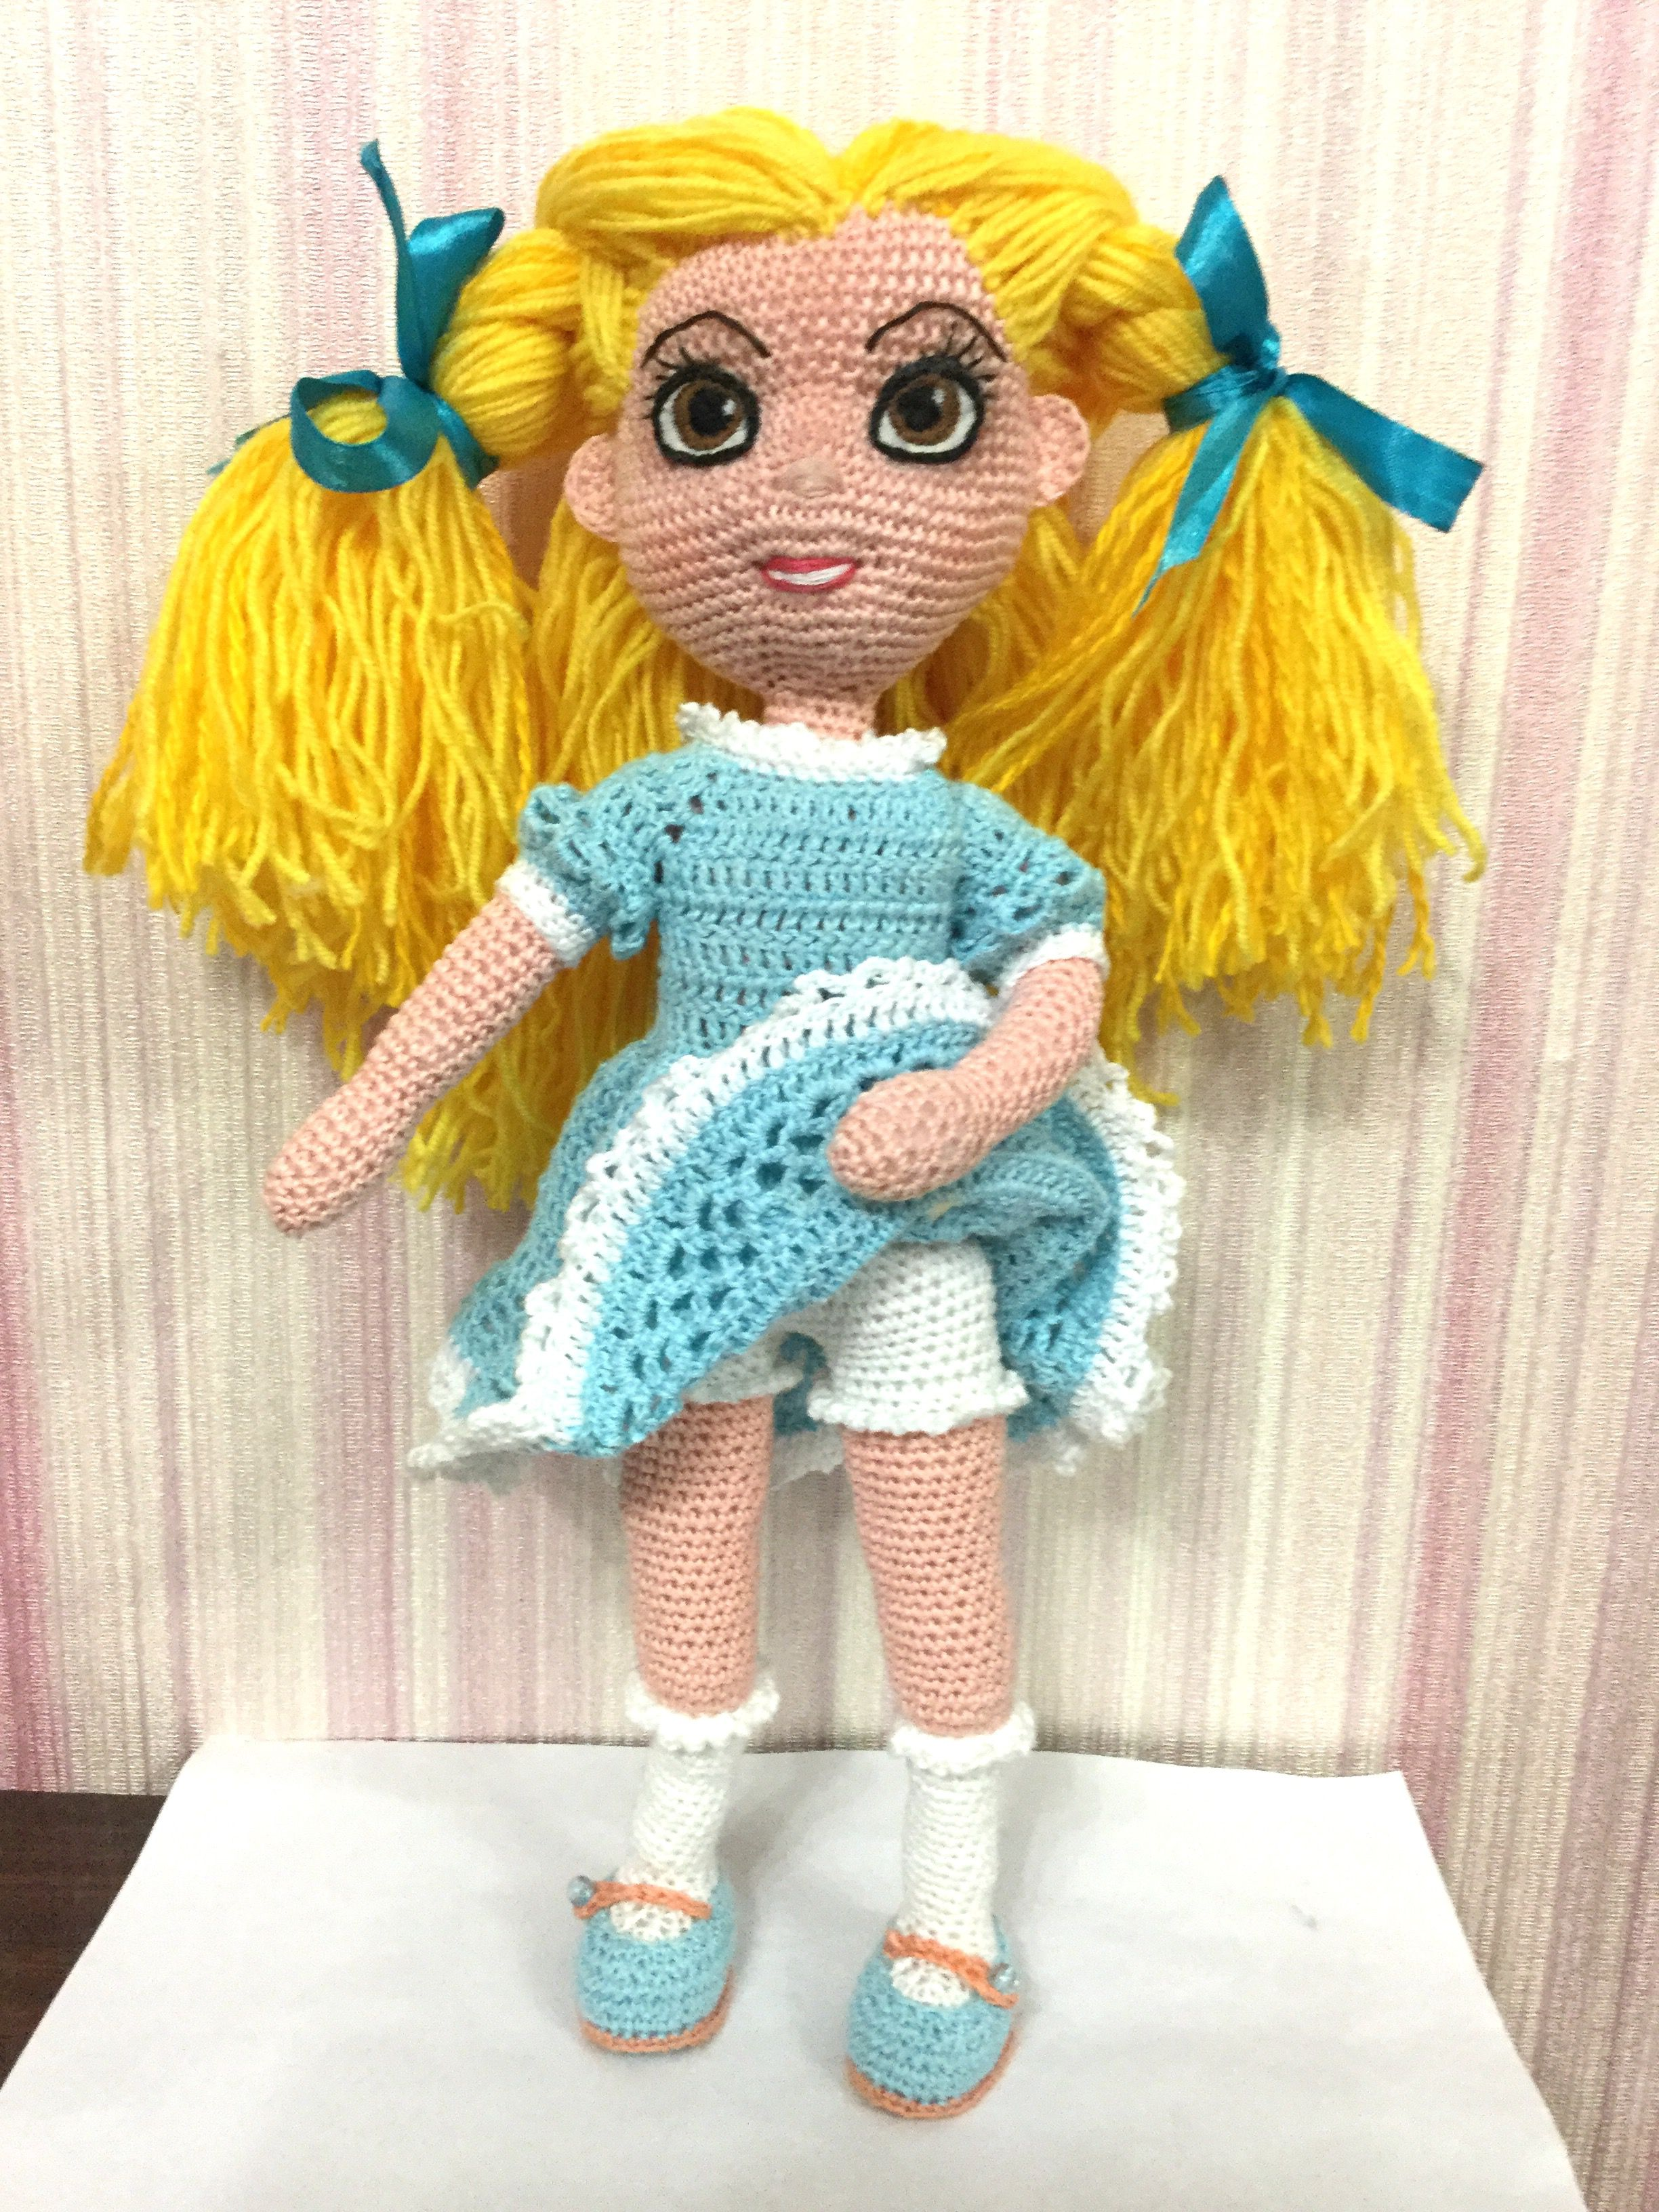 крючкомамигурумиподарок девочкедети вязаная куклакукла